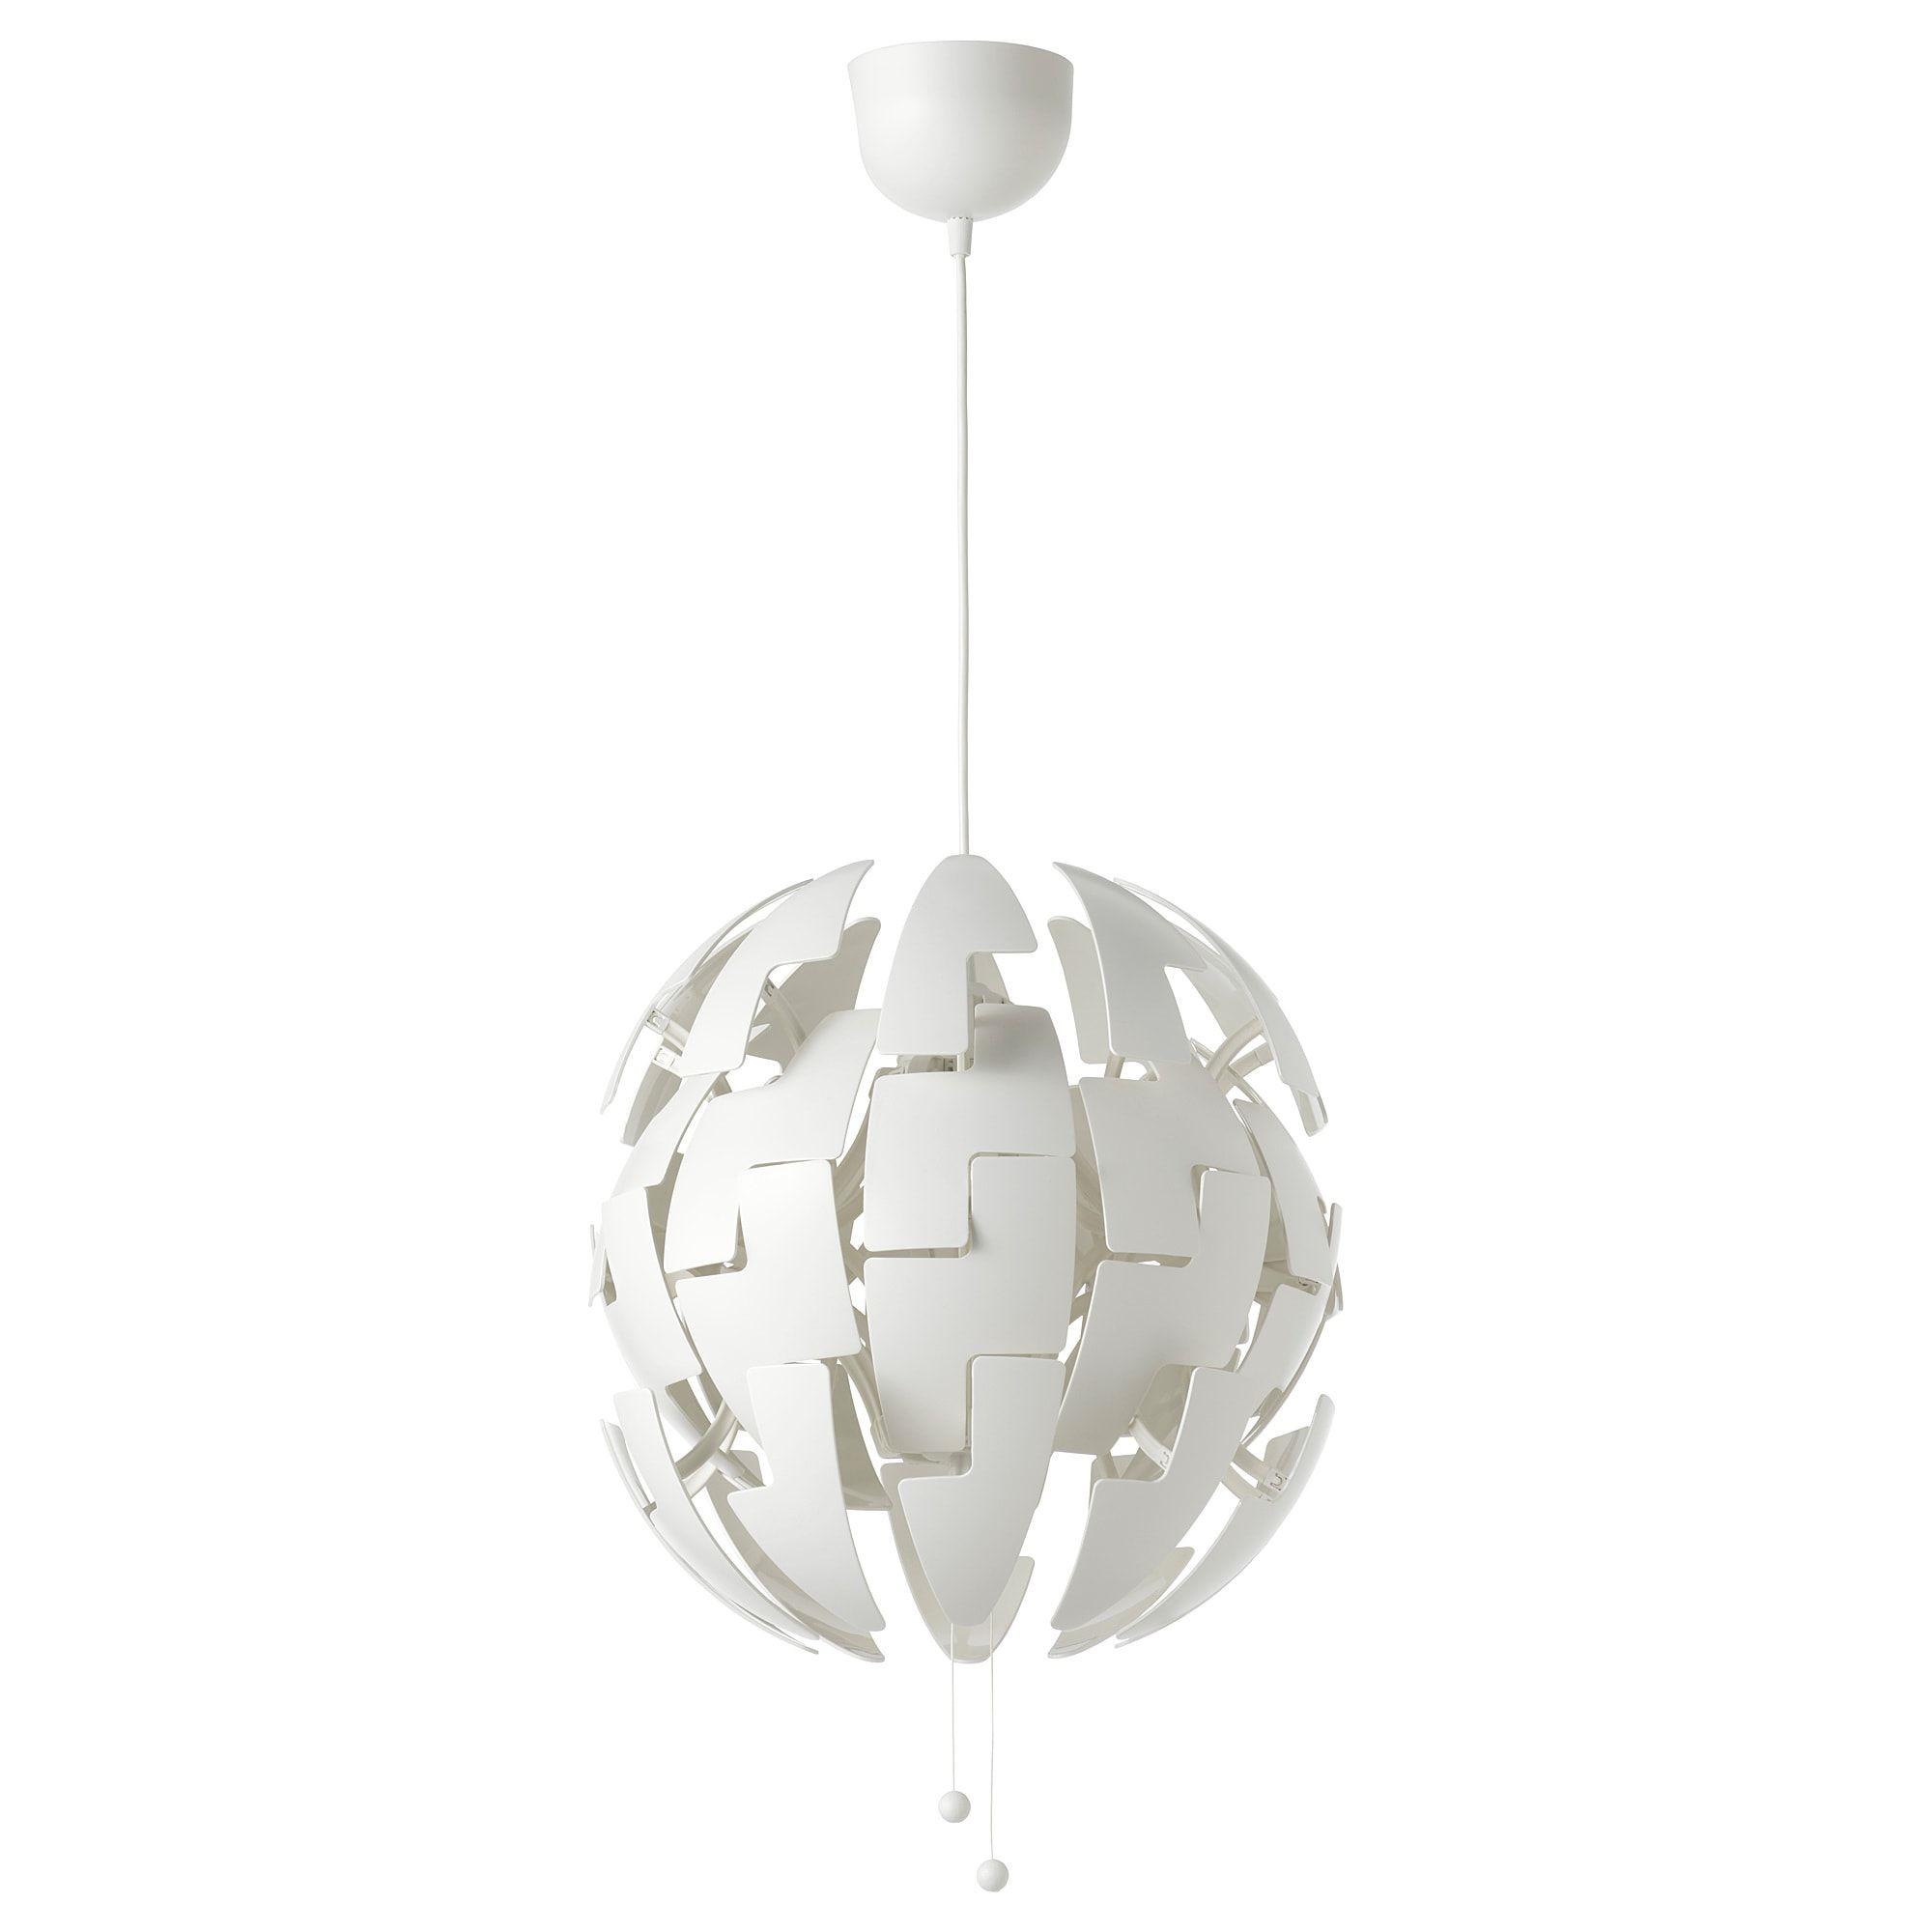 Ikea Ikea Ps 2014 White Pendant Lamp Pendant Lamp Ikea Ps 2014